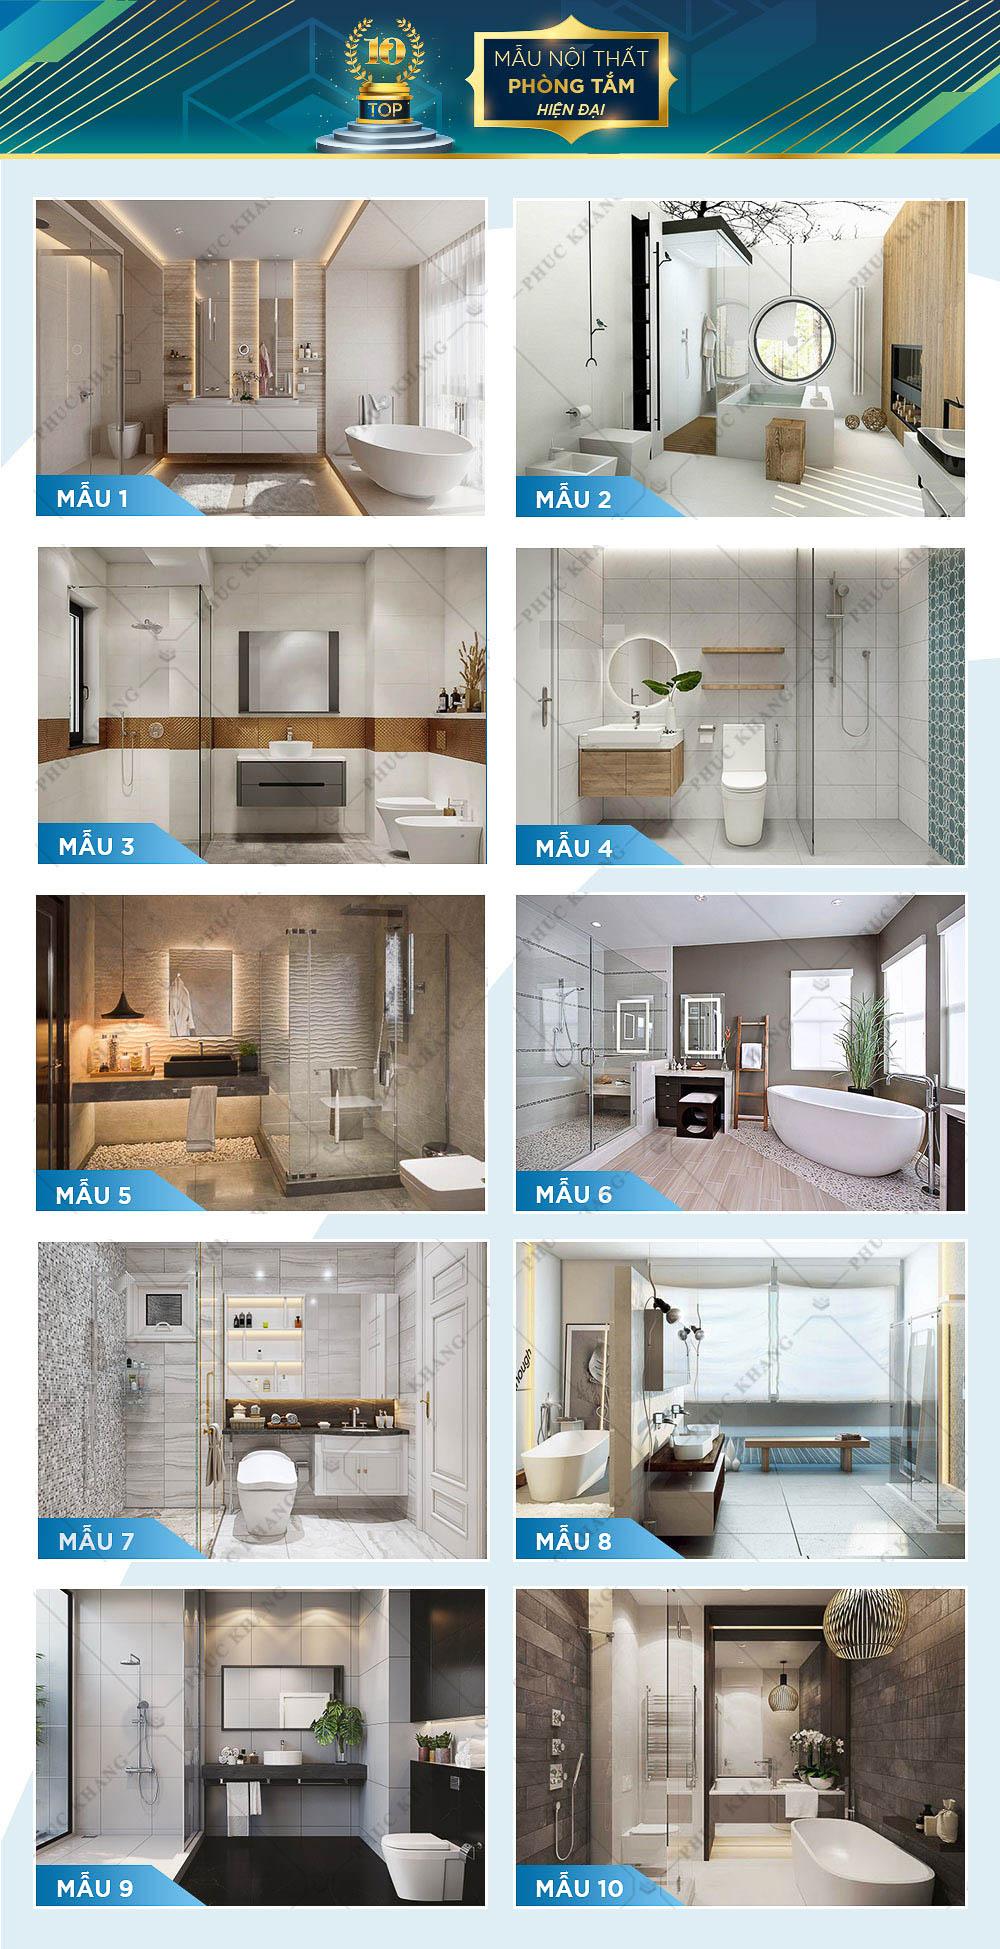 mẫu nội thất phòng tắm và nhà vệ sinh hiện đại đẹp